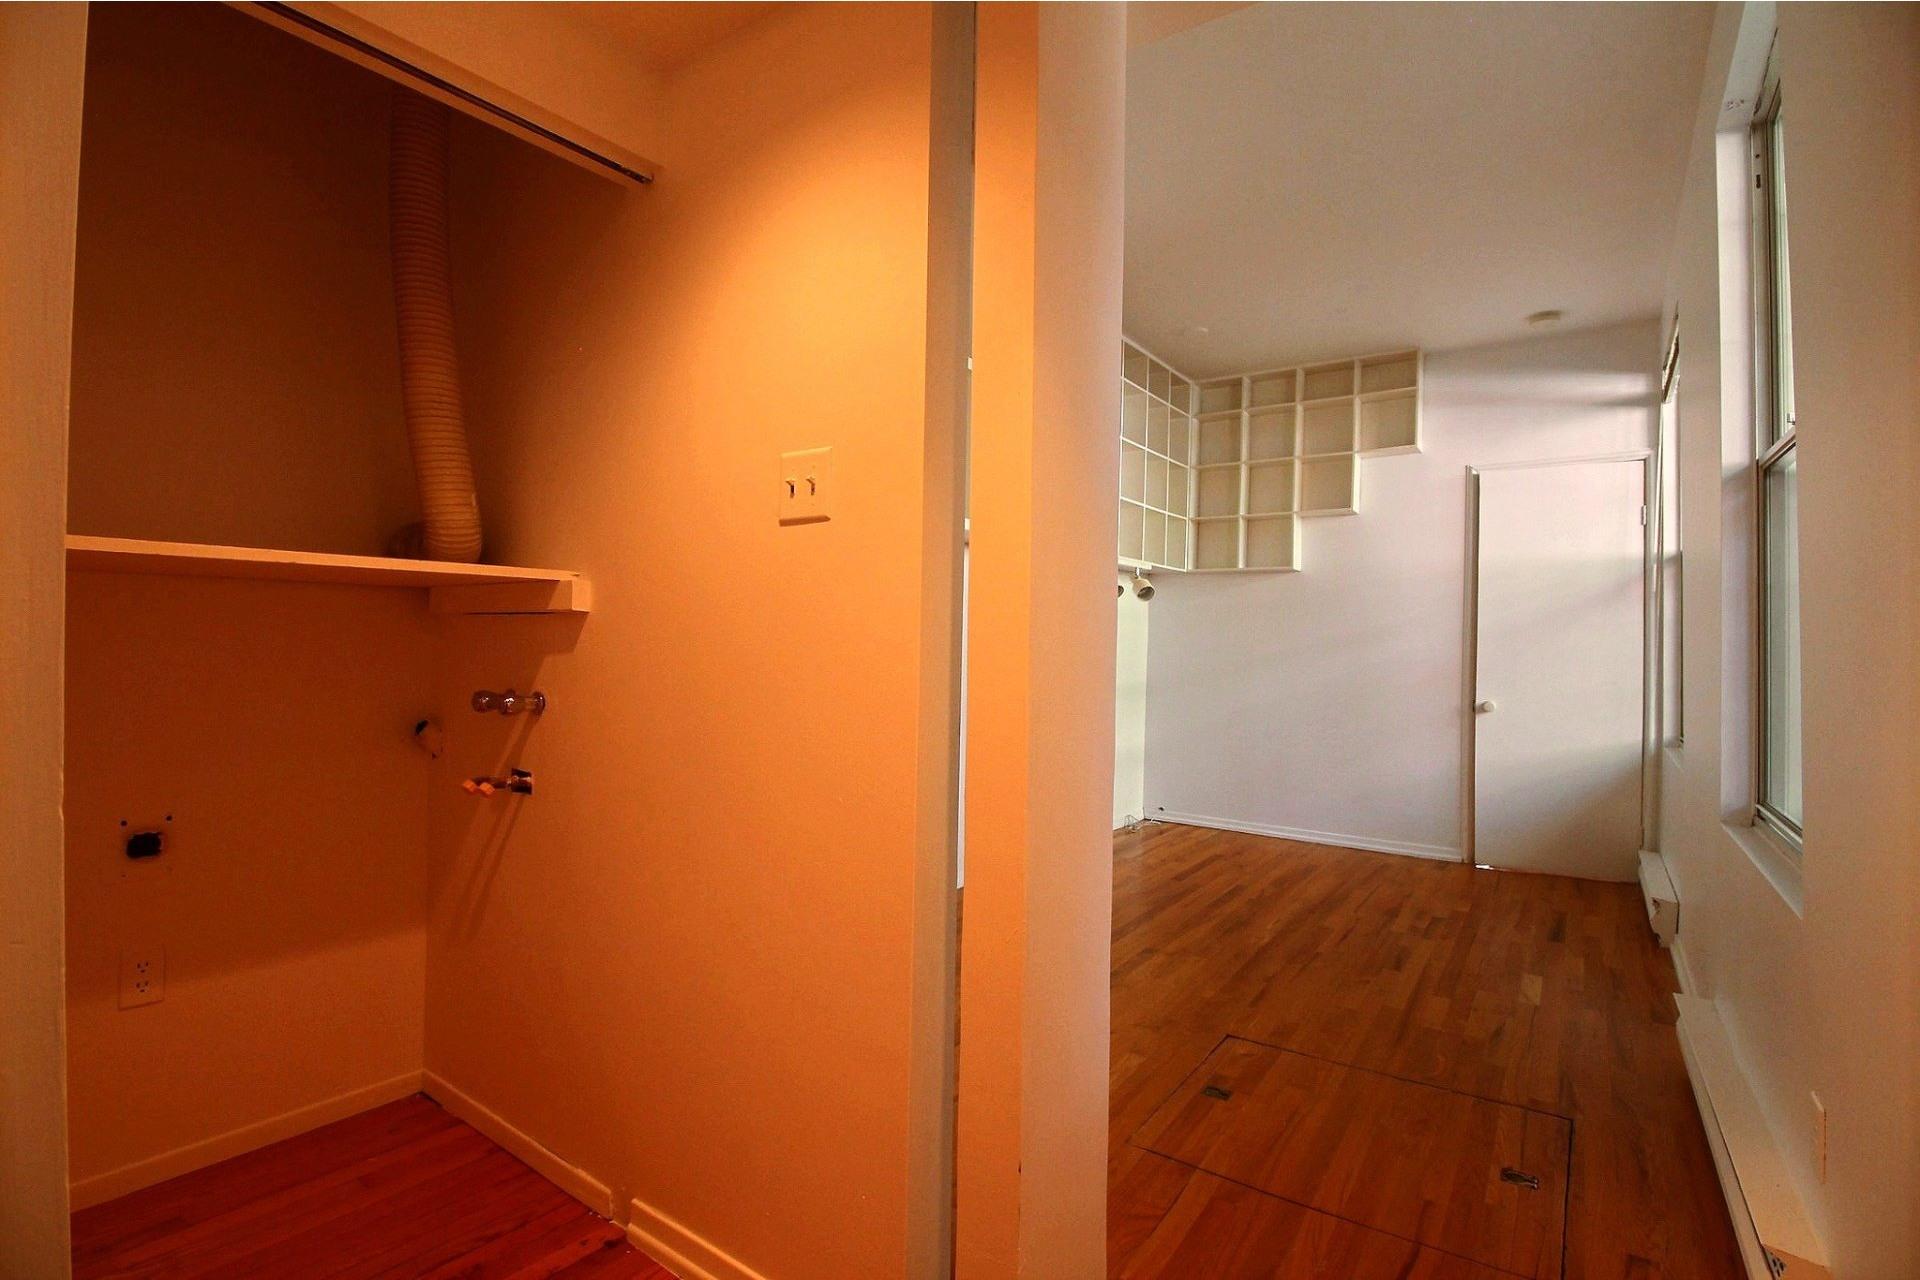 image 16 - Appartement À vendre Le Plateau-Mont-Royal Montréal  - 5 pièces